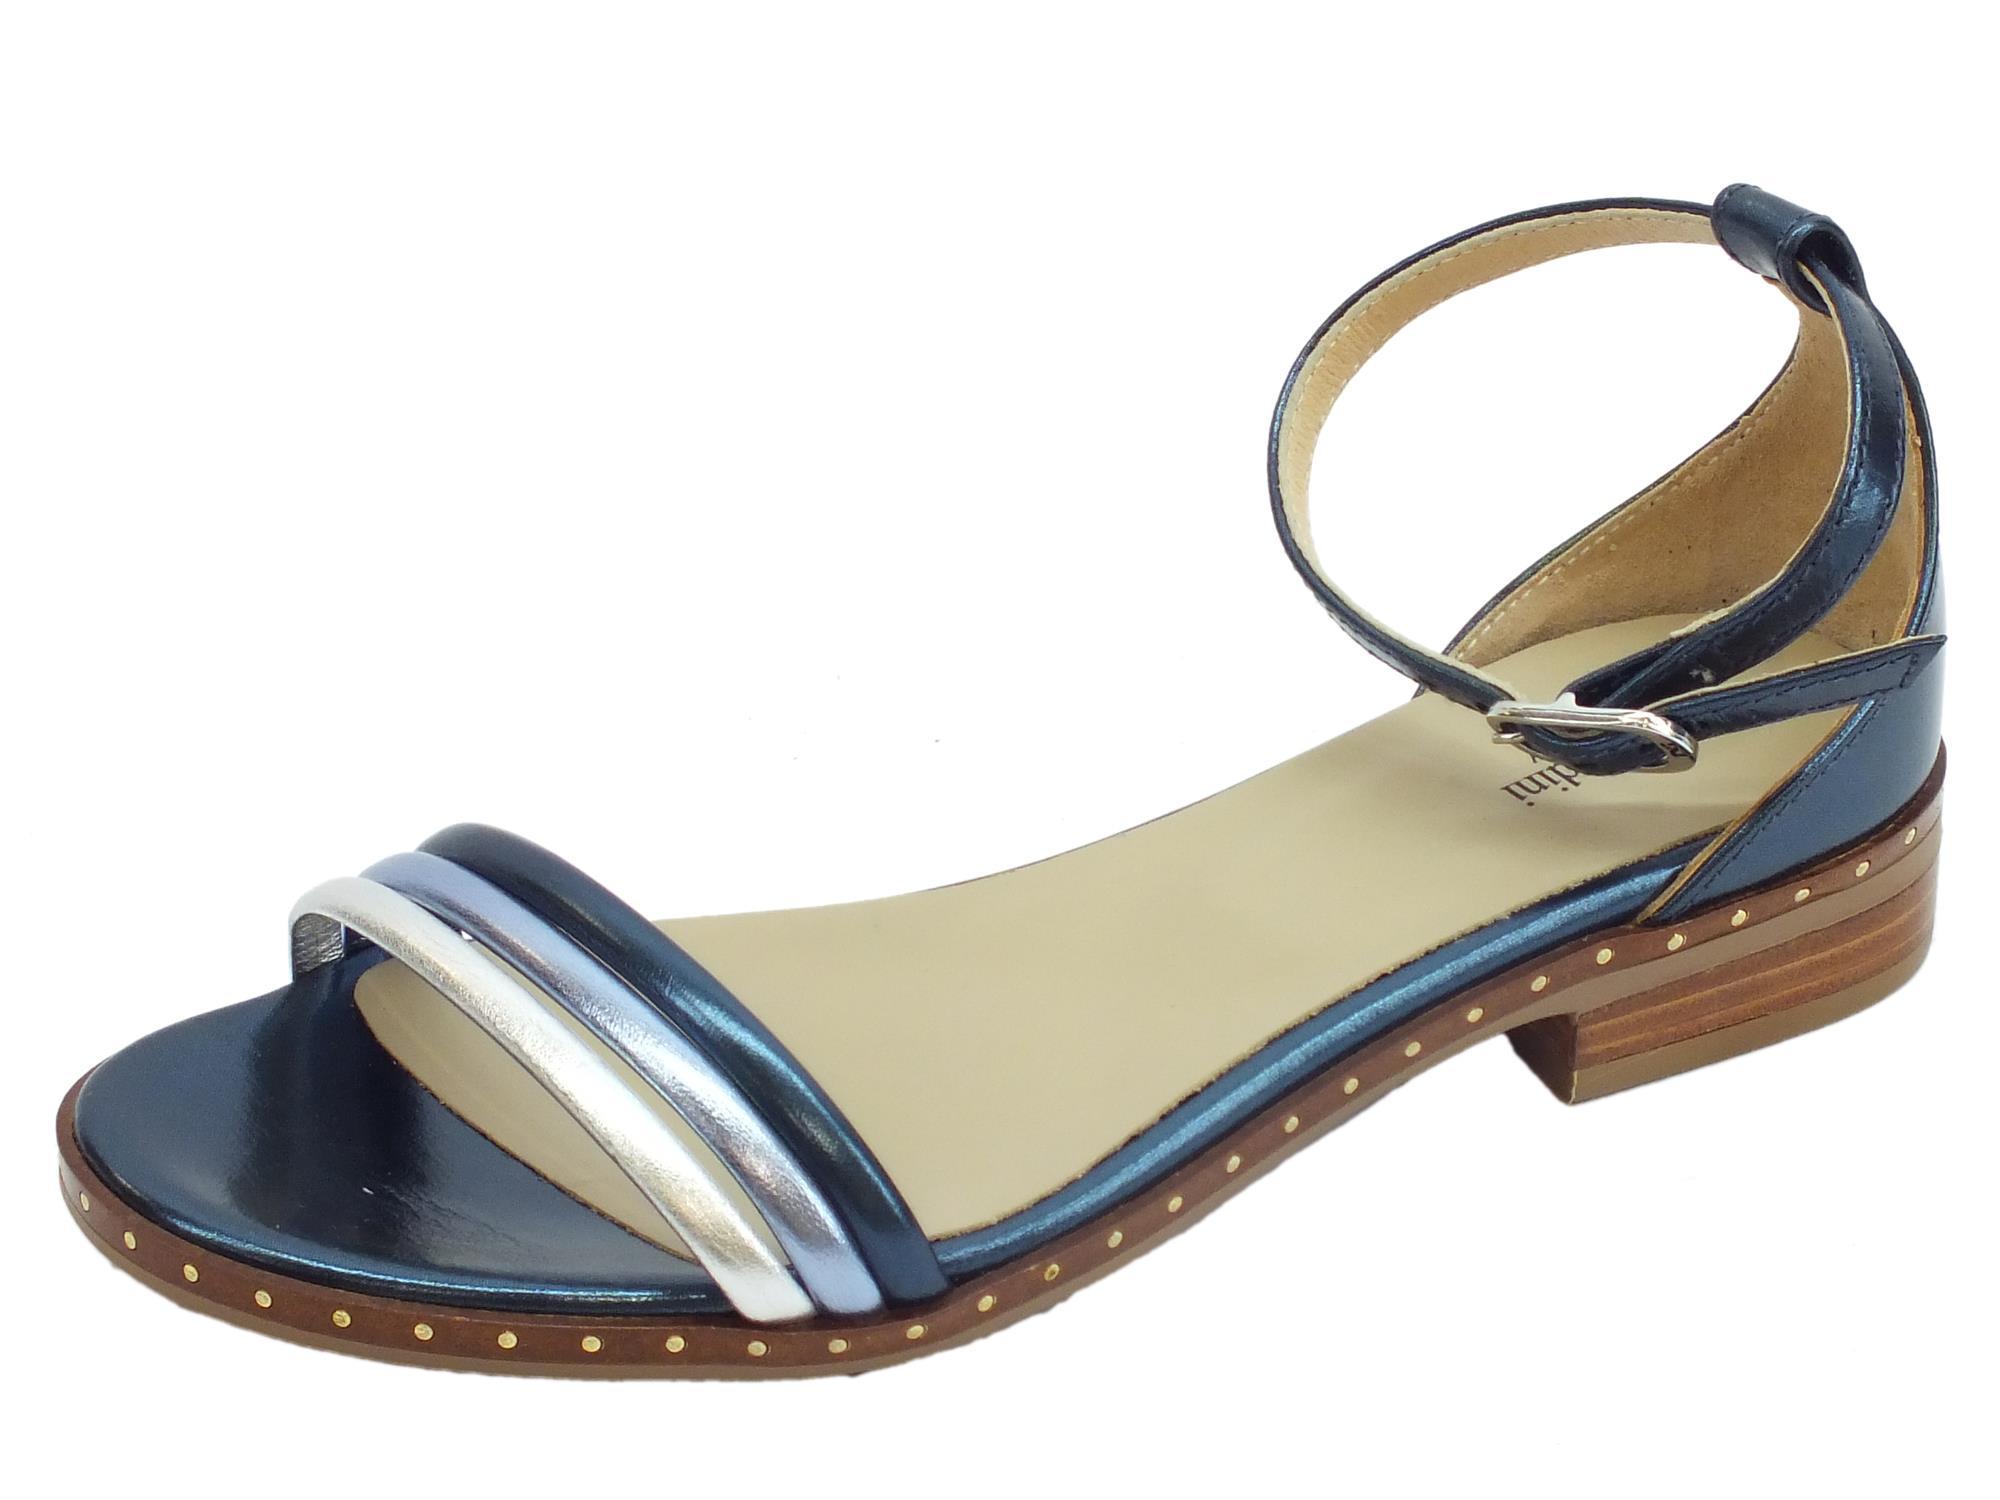 Sandali donna NeroGiardini in laminato blu e argento tacco basso b42683747c2